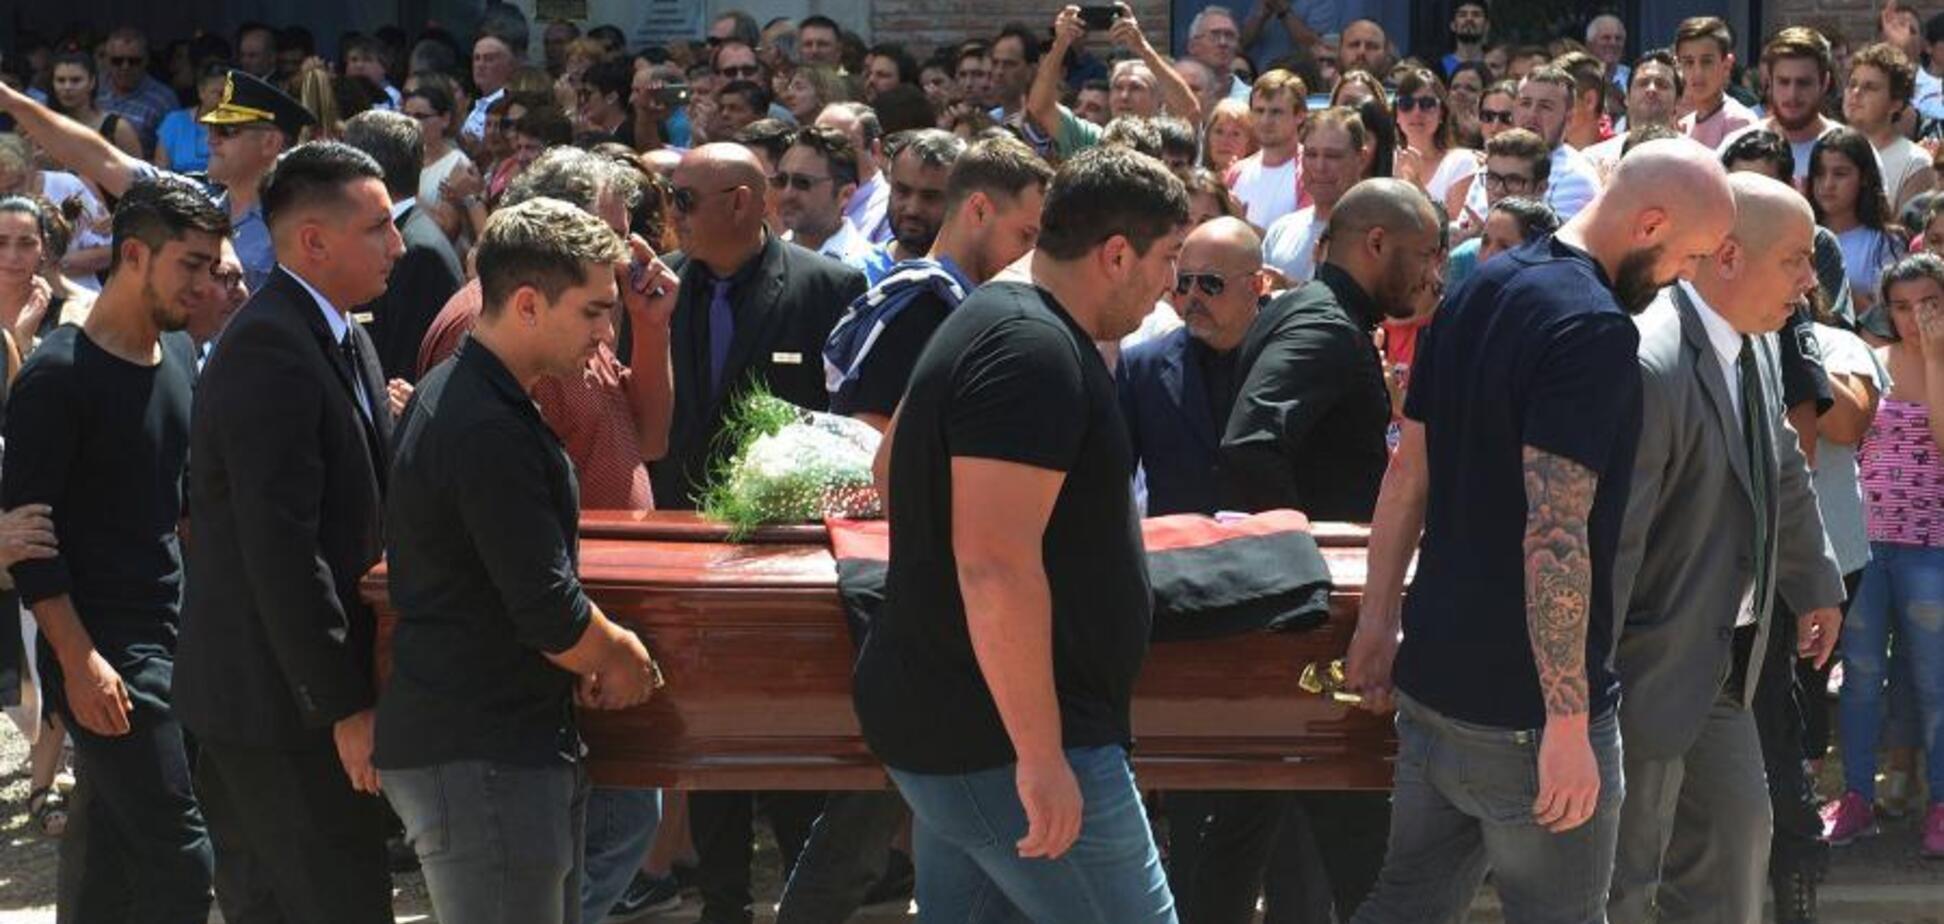 Эмилиано Сала: на похороны пришел лабрадор — трогательные фото